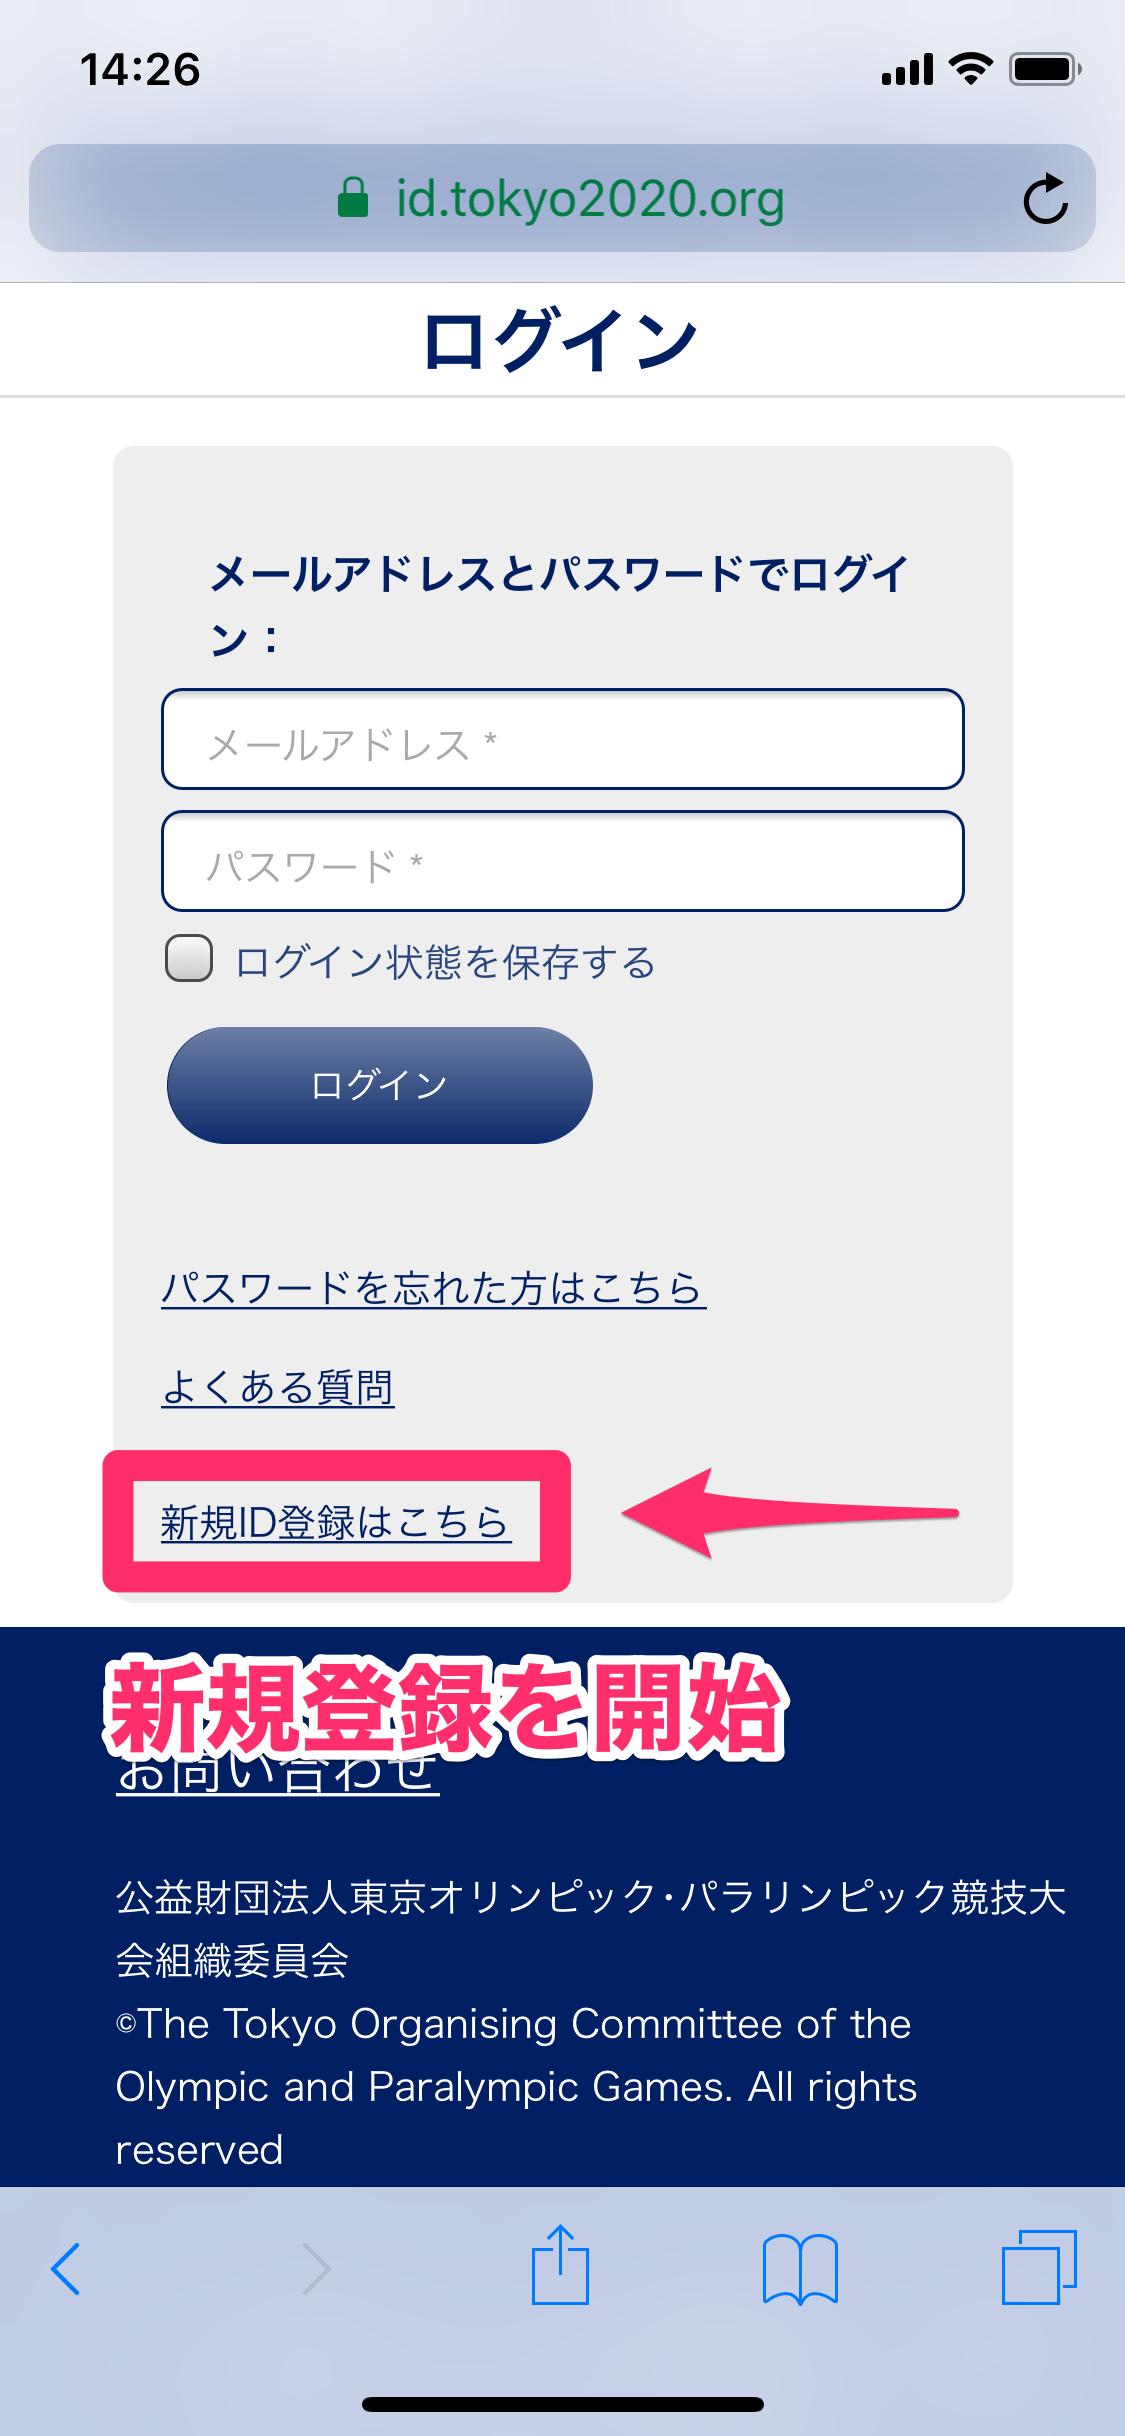 【東京五輪】4月からのチケット販売に備える!「TOKYO 2020 ID」の登録方法